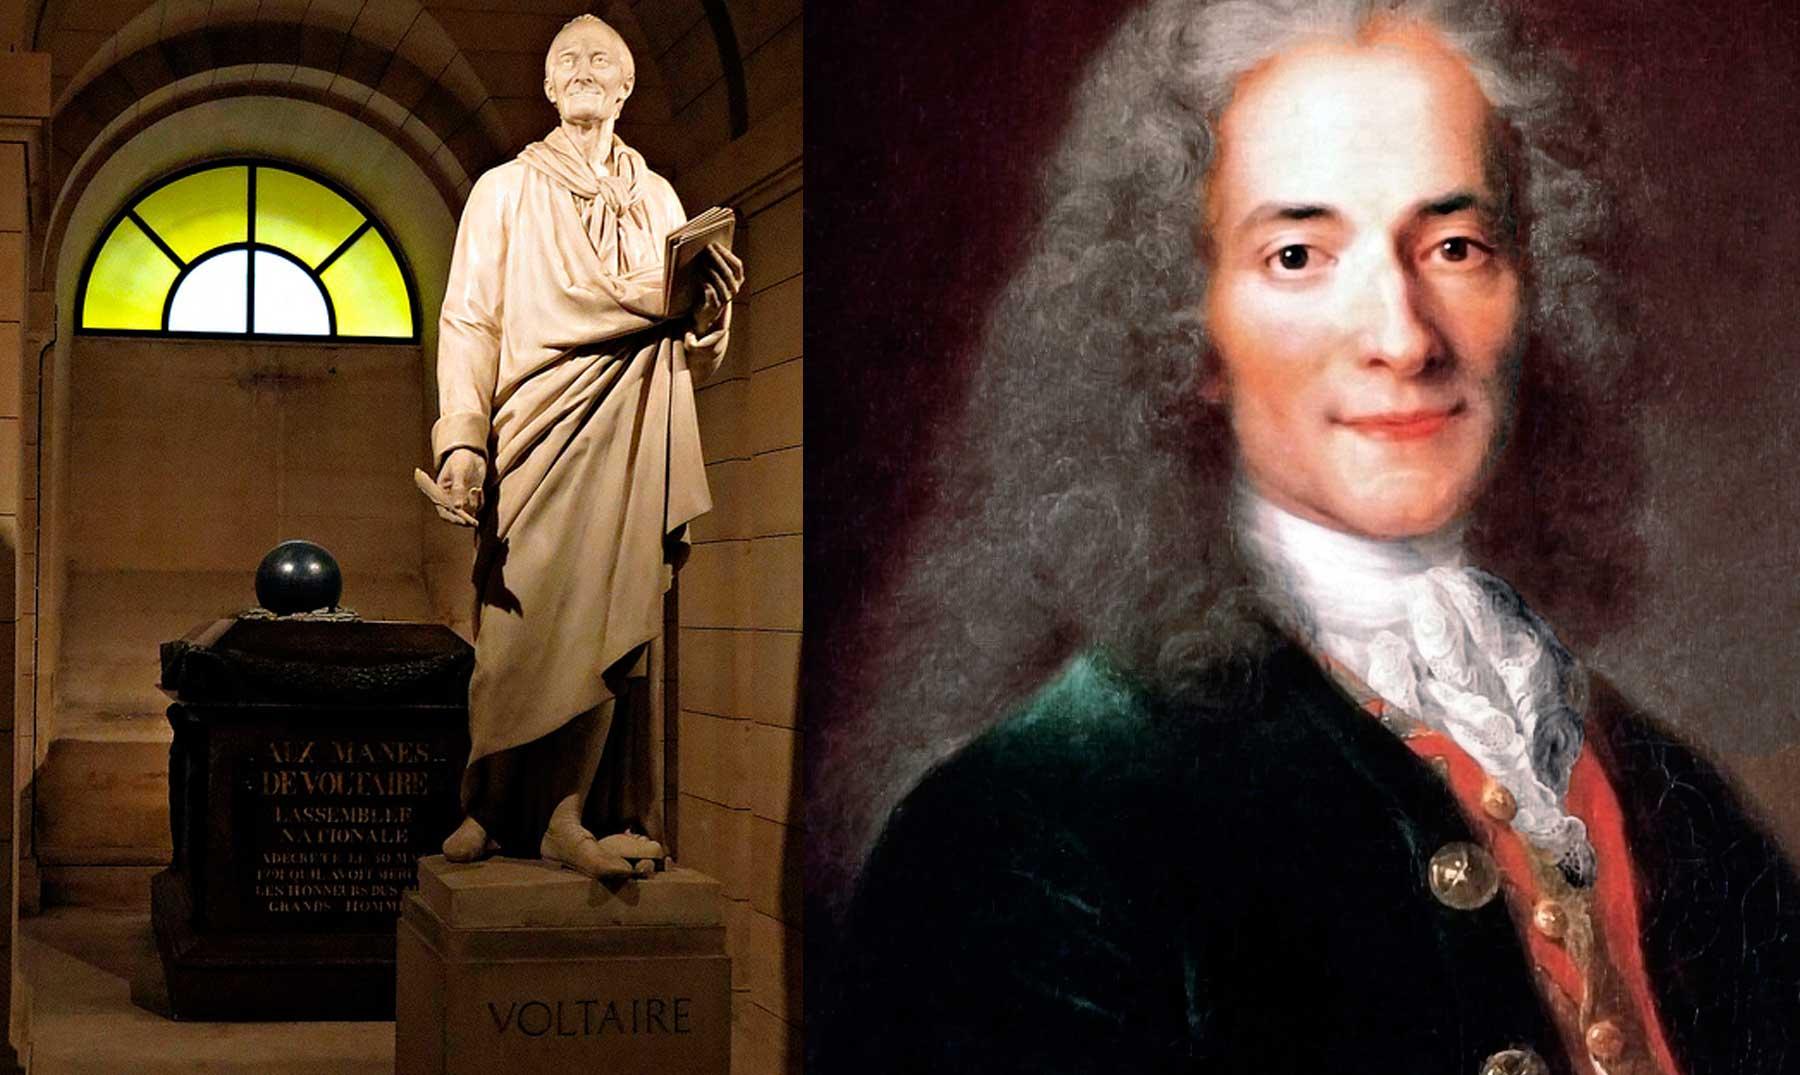 Voltaire y su estatua en el Panteón de París